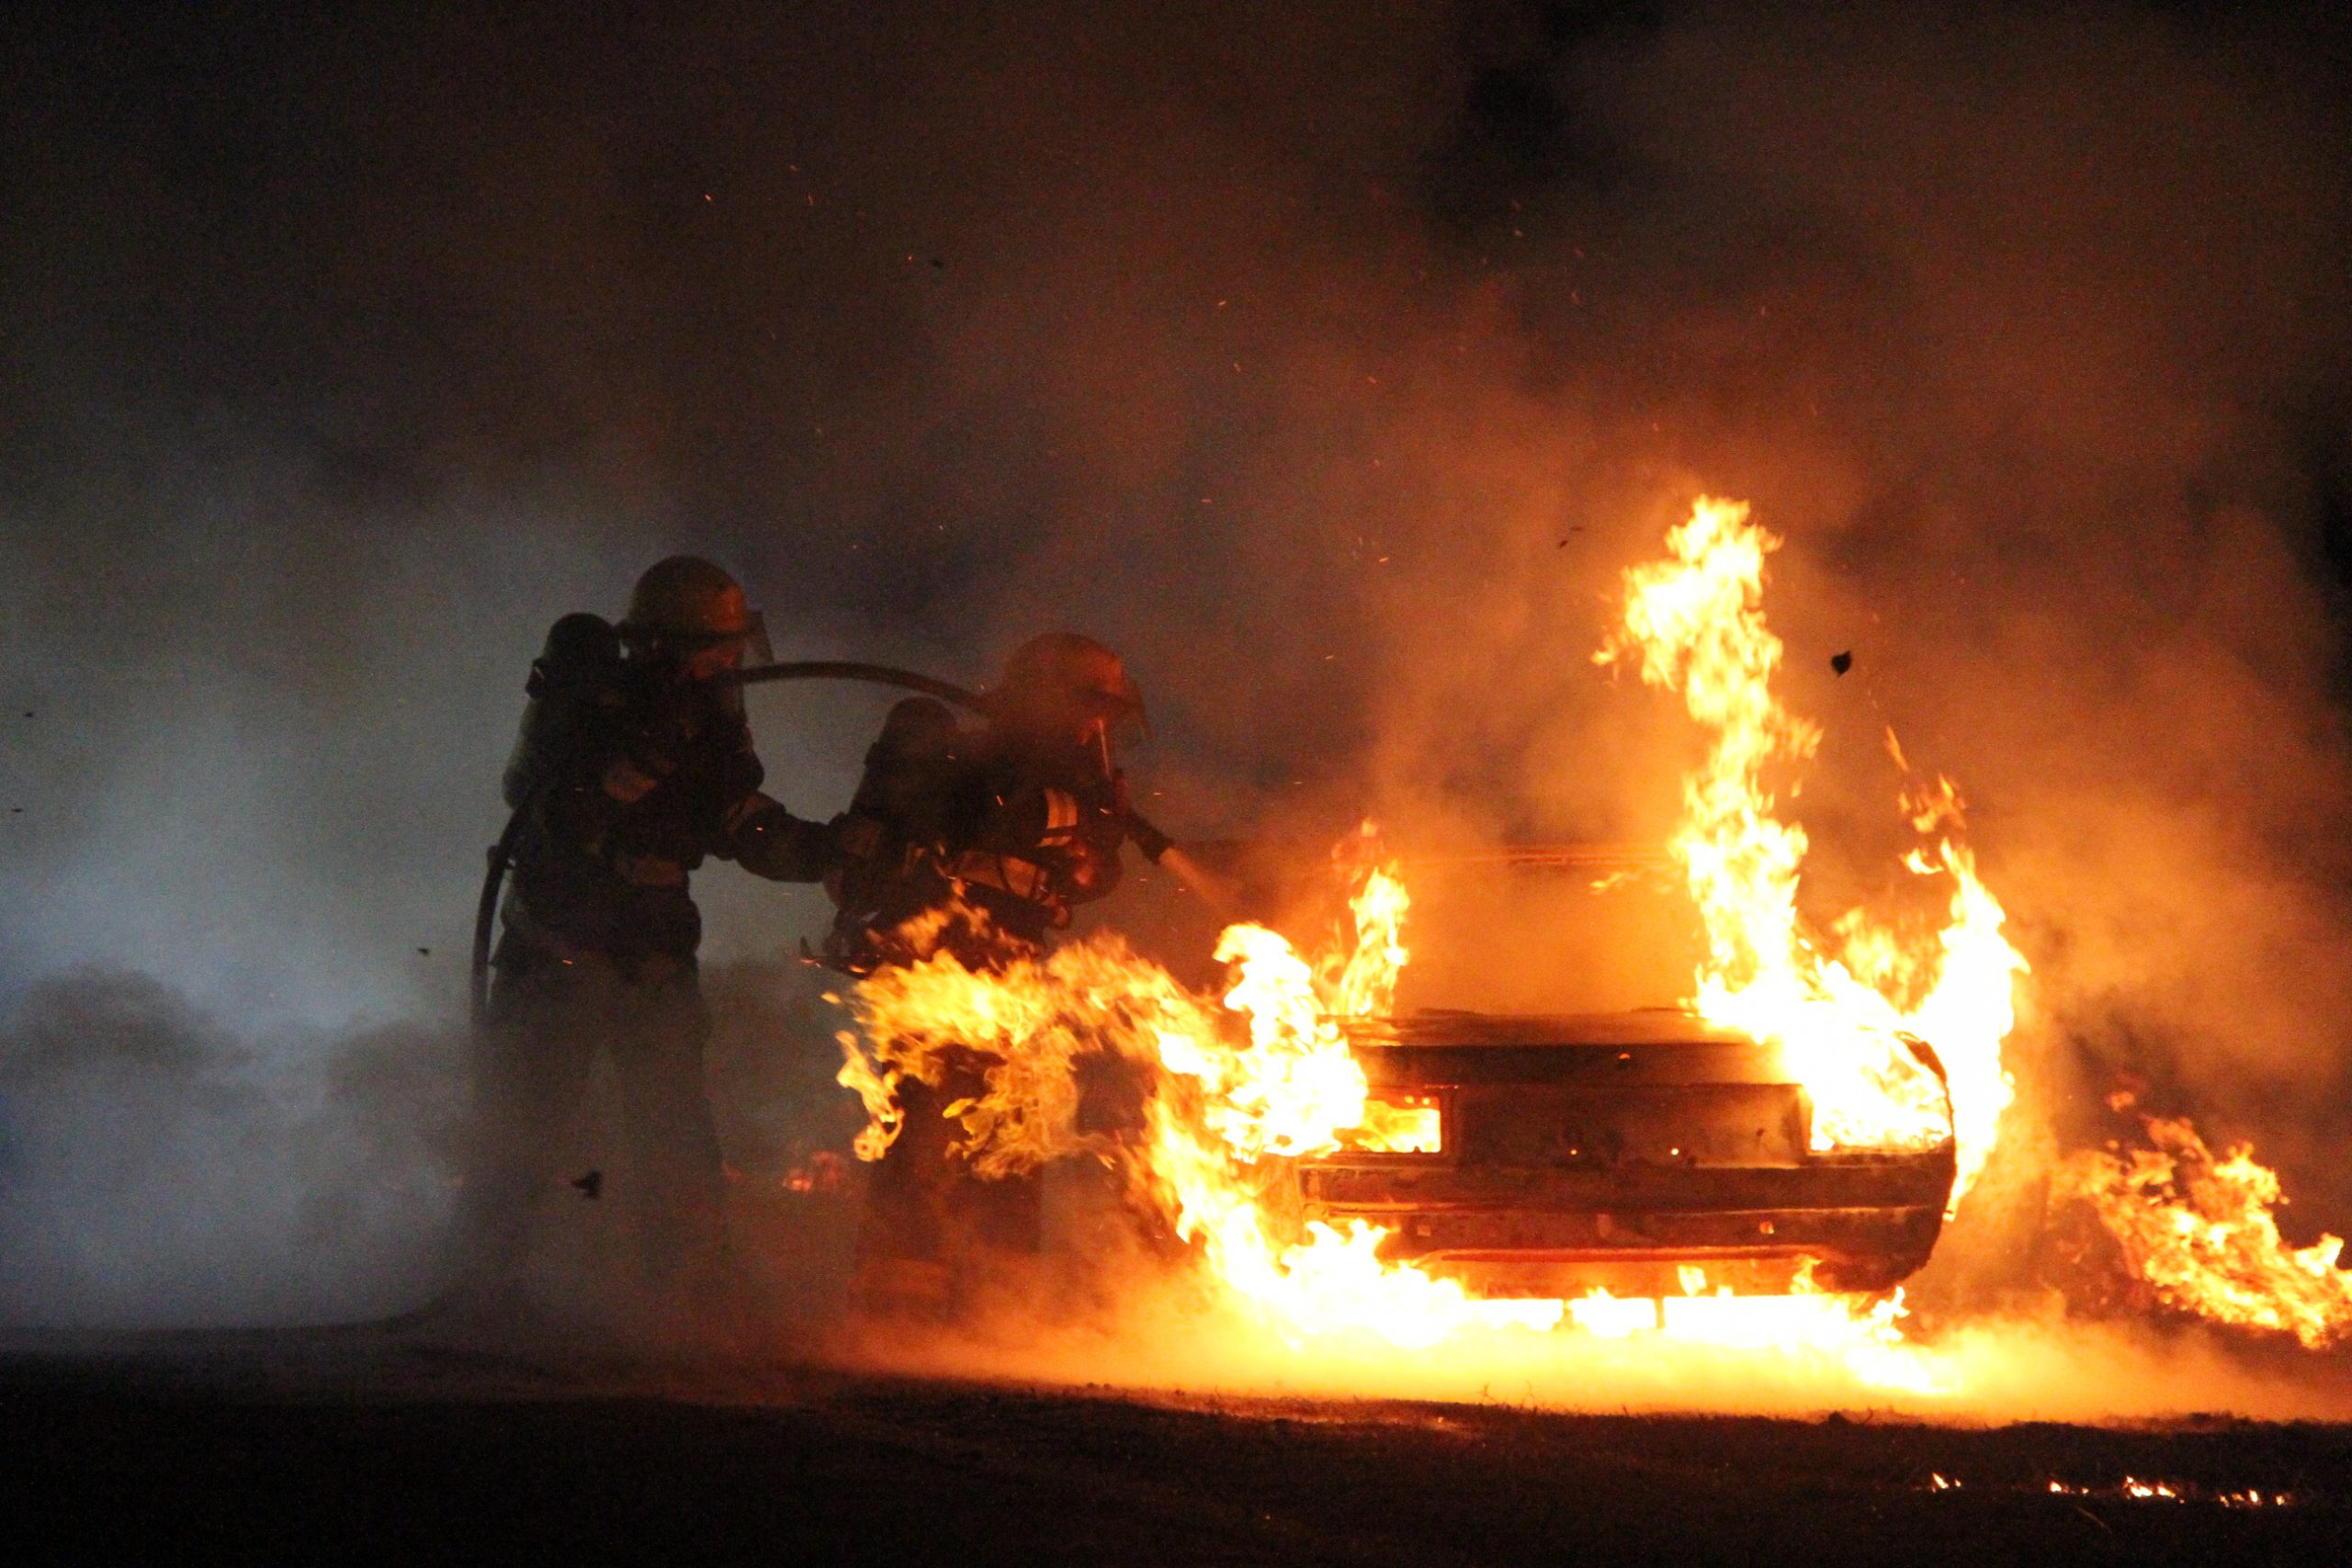 Mirá el sorprendente incendio de un WV Senda en la Ruta 101 a través de 10 fotos en Ultra HD